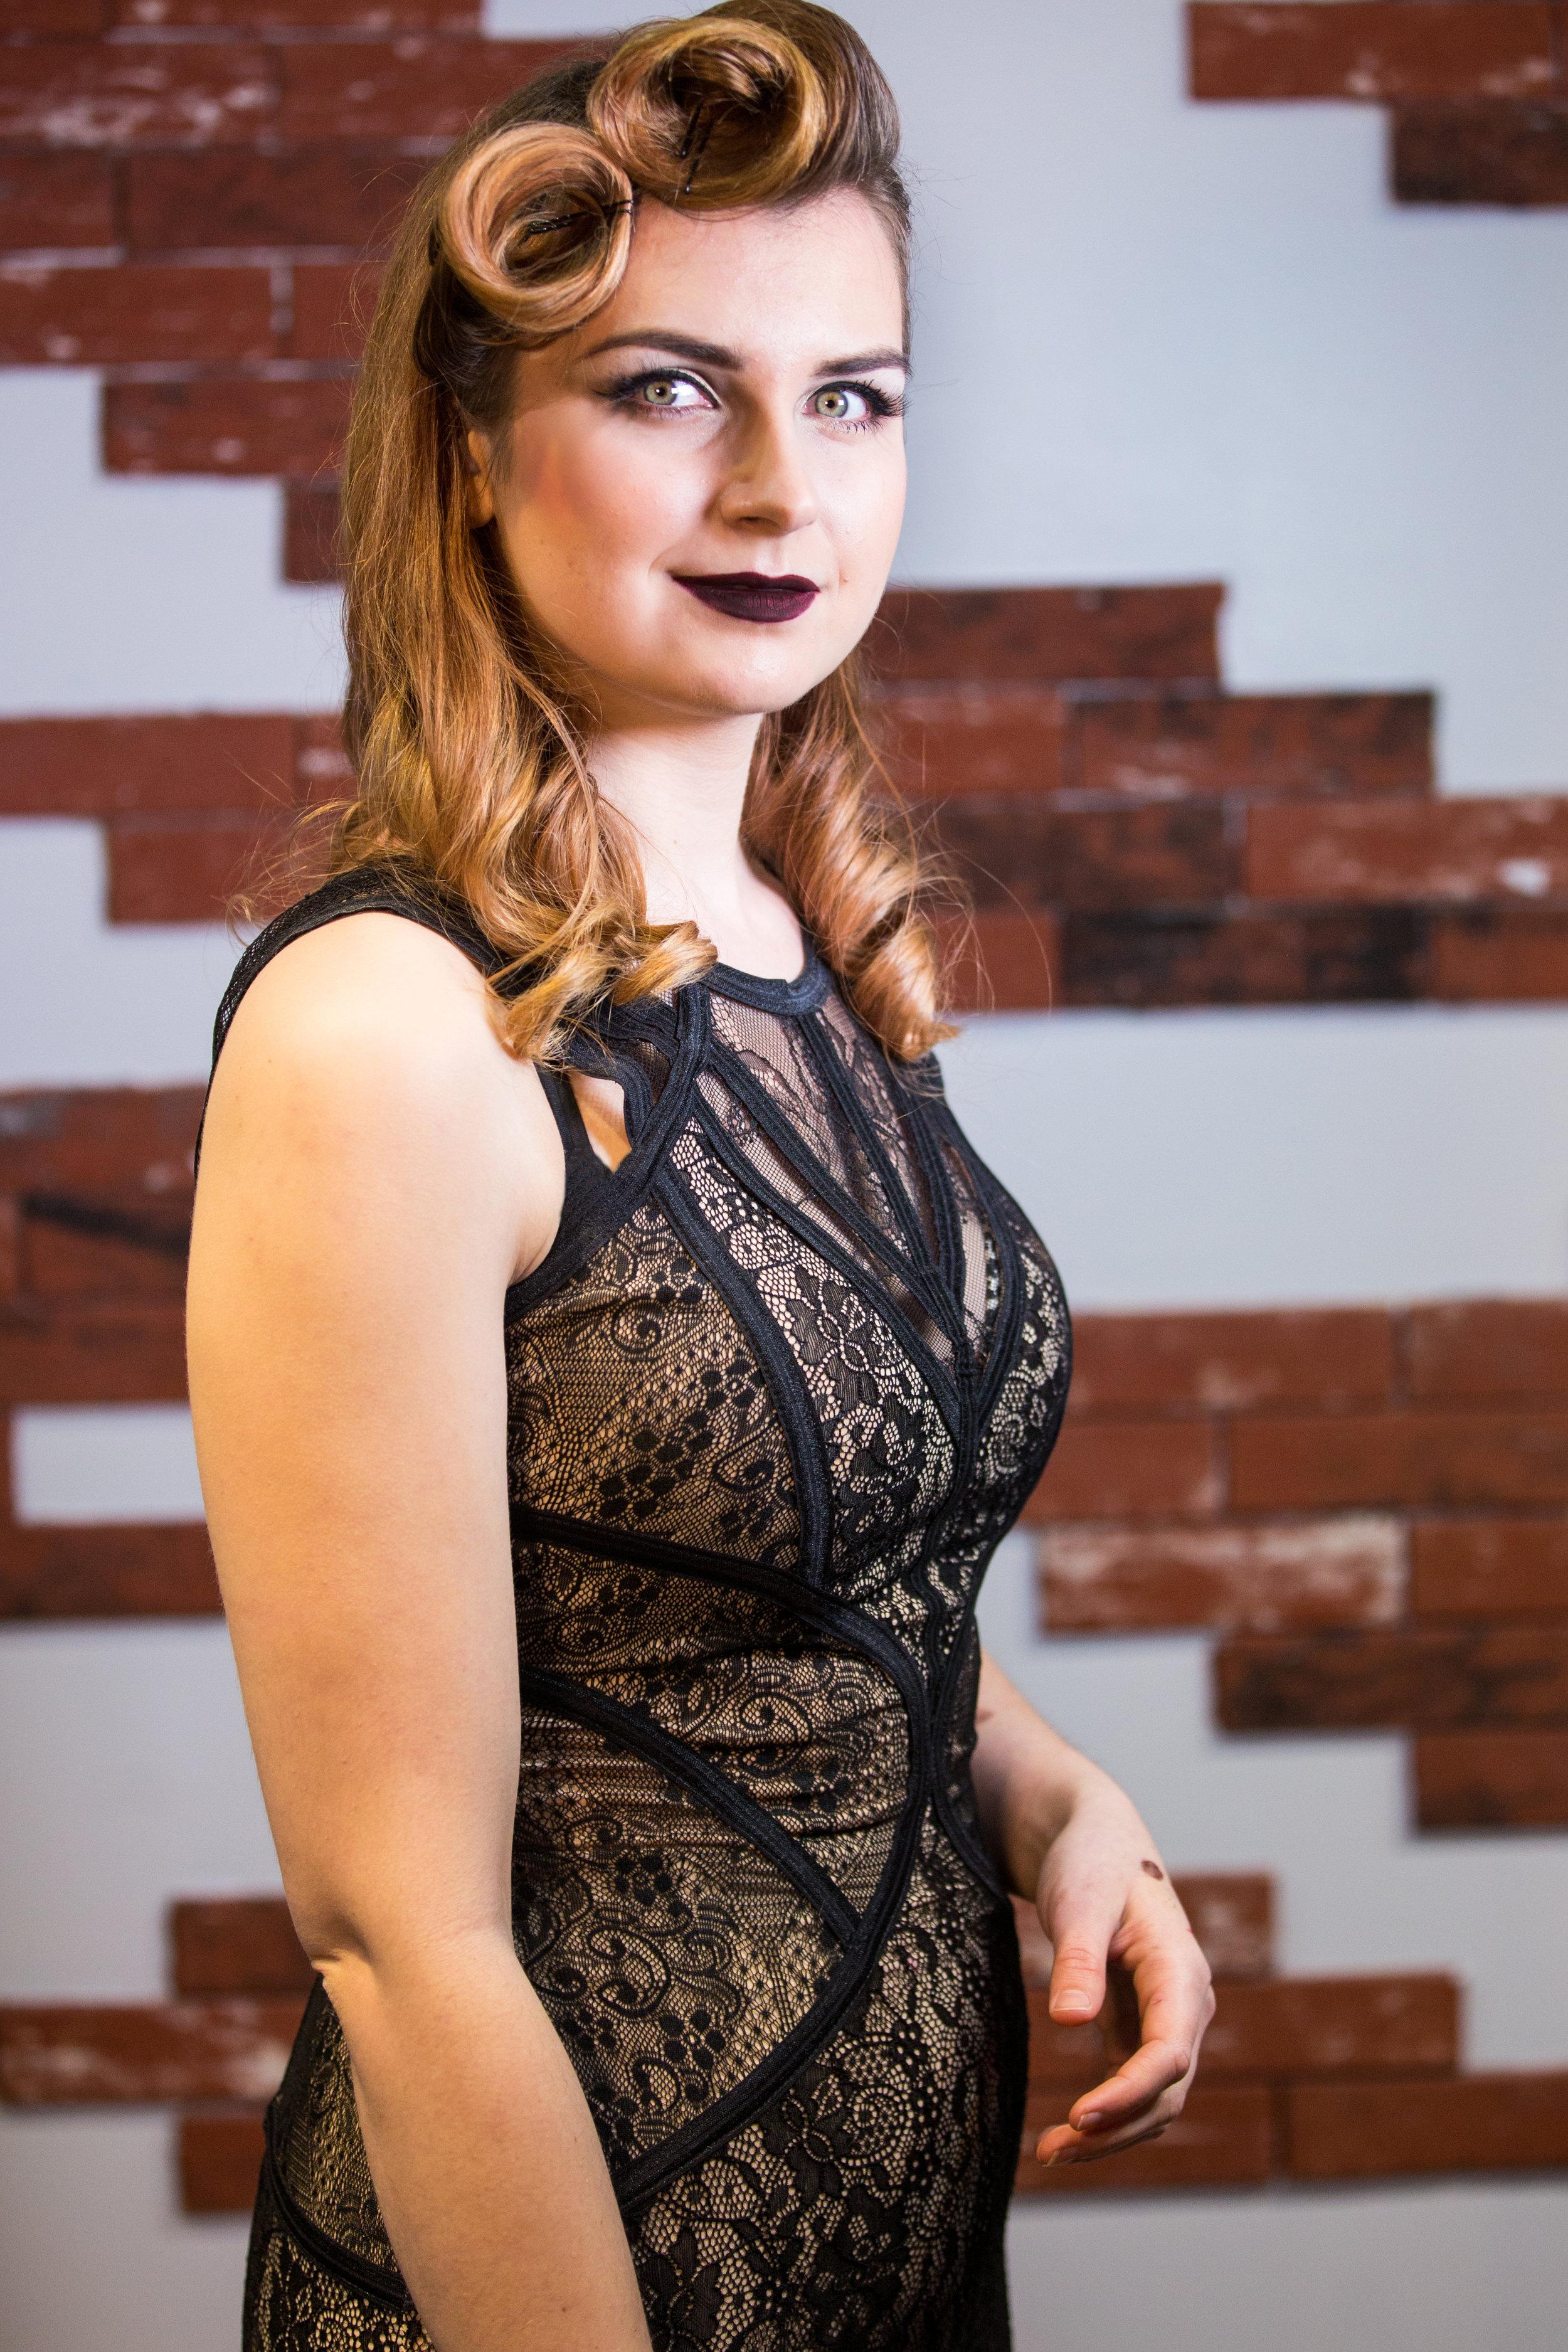 Joanna - Makeup Artist